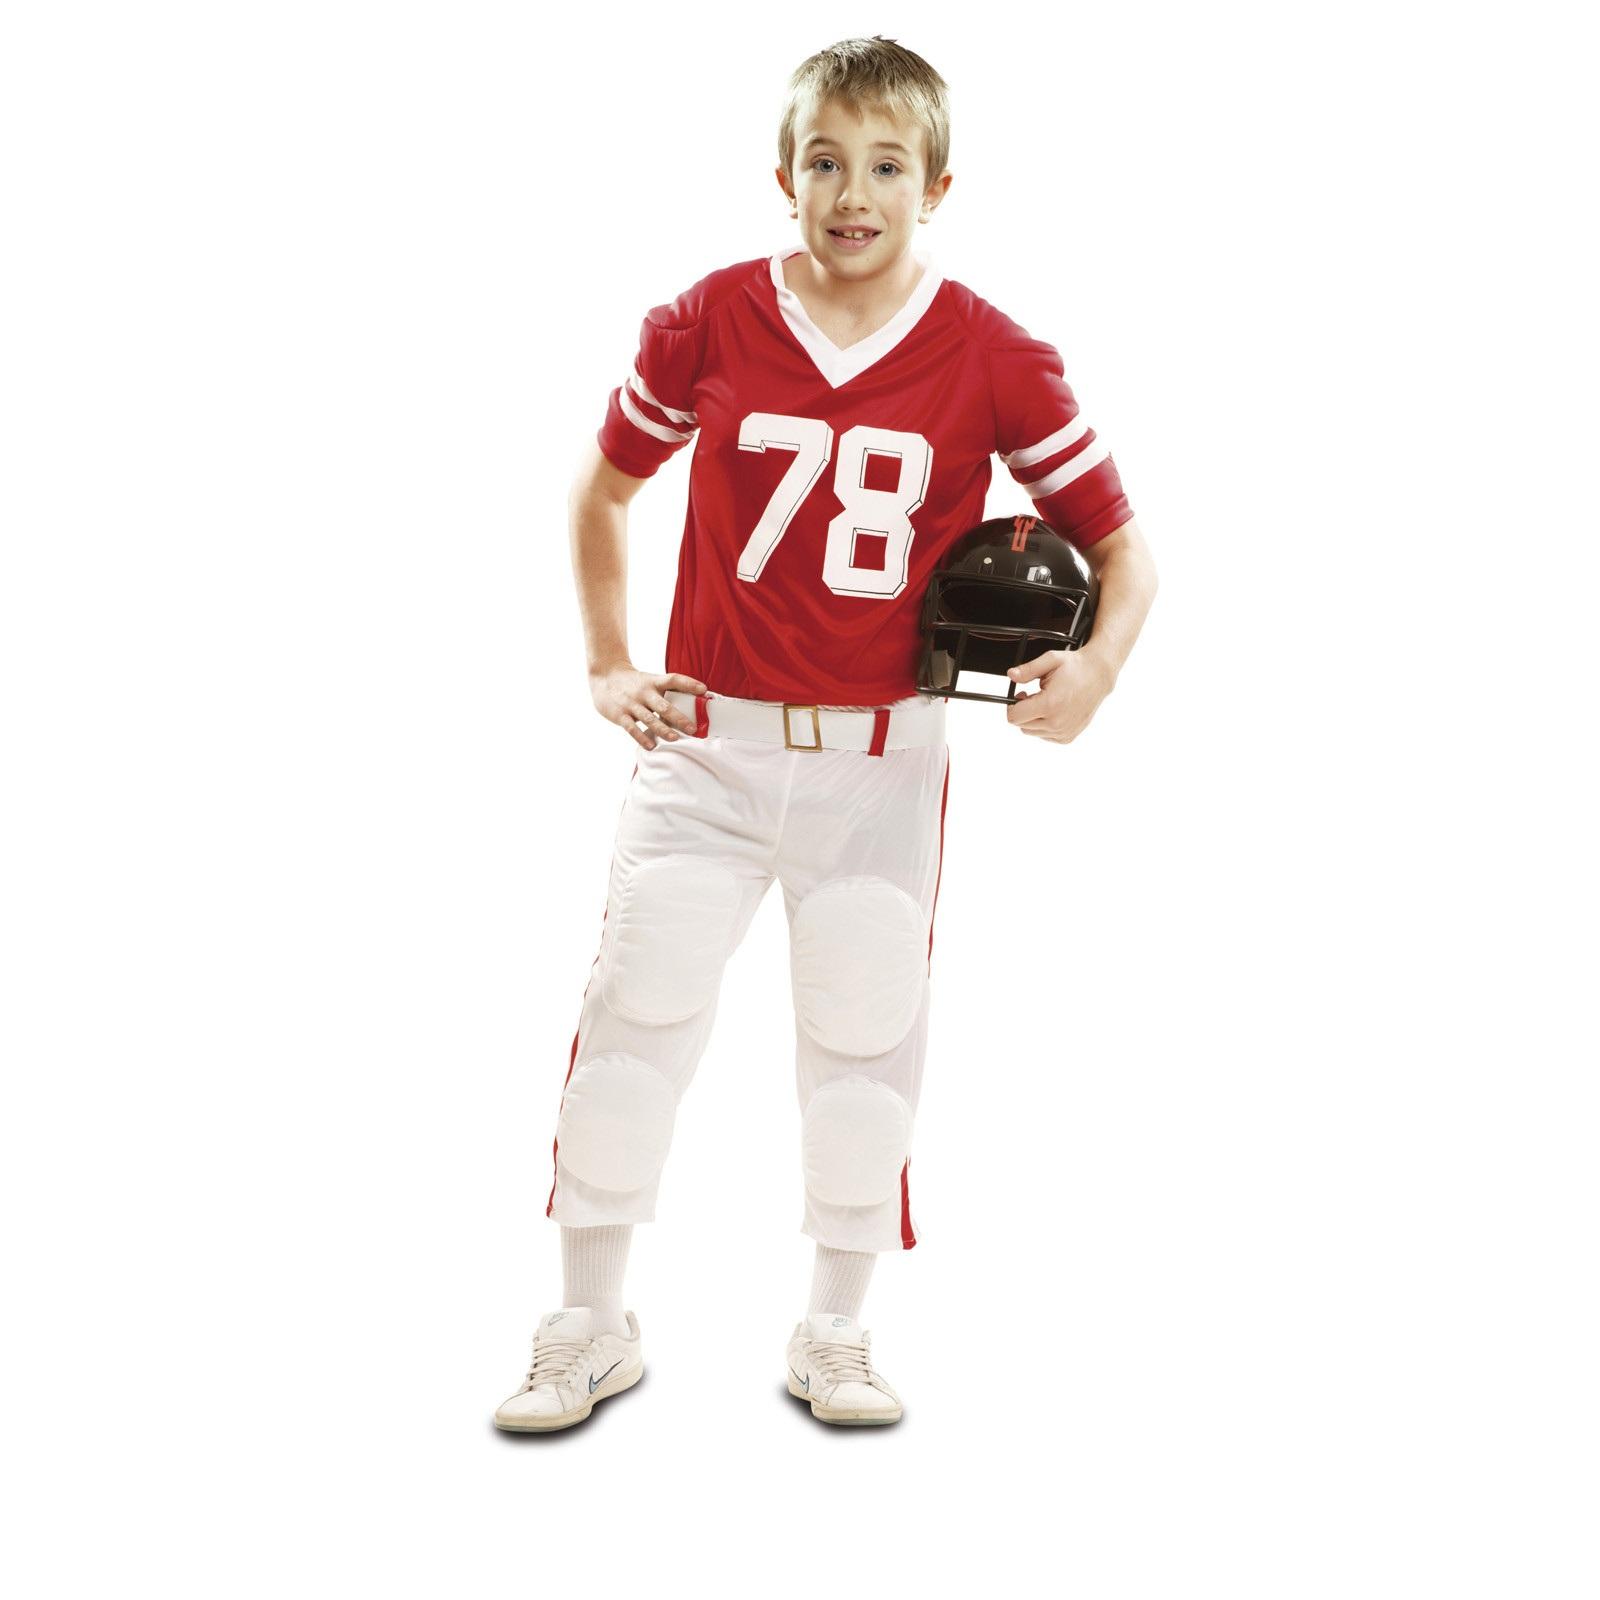 disfraz jugador rugby rojo niño 202111mom - DISFRAZ DE JUGADOR DE RUGBY ROJO NIÑO